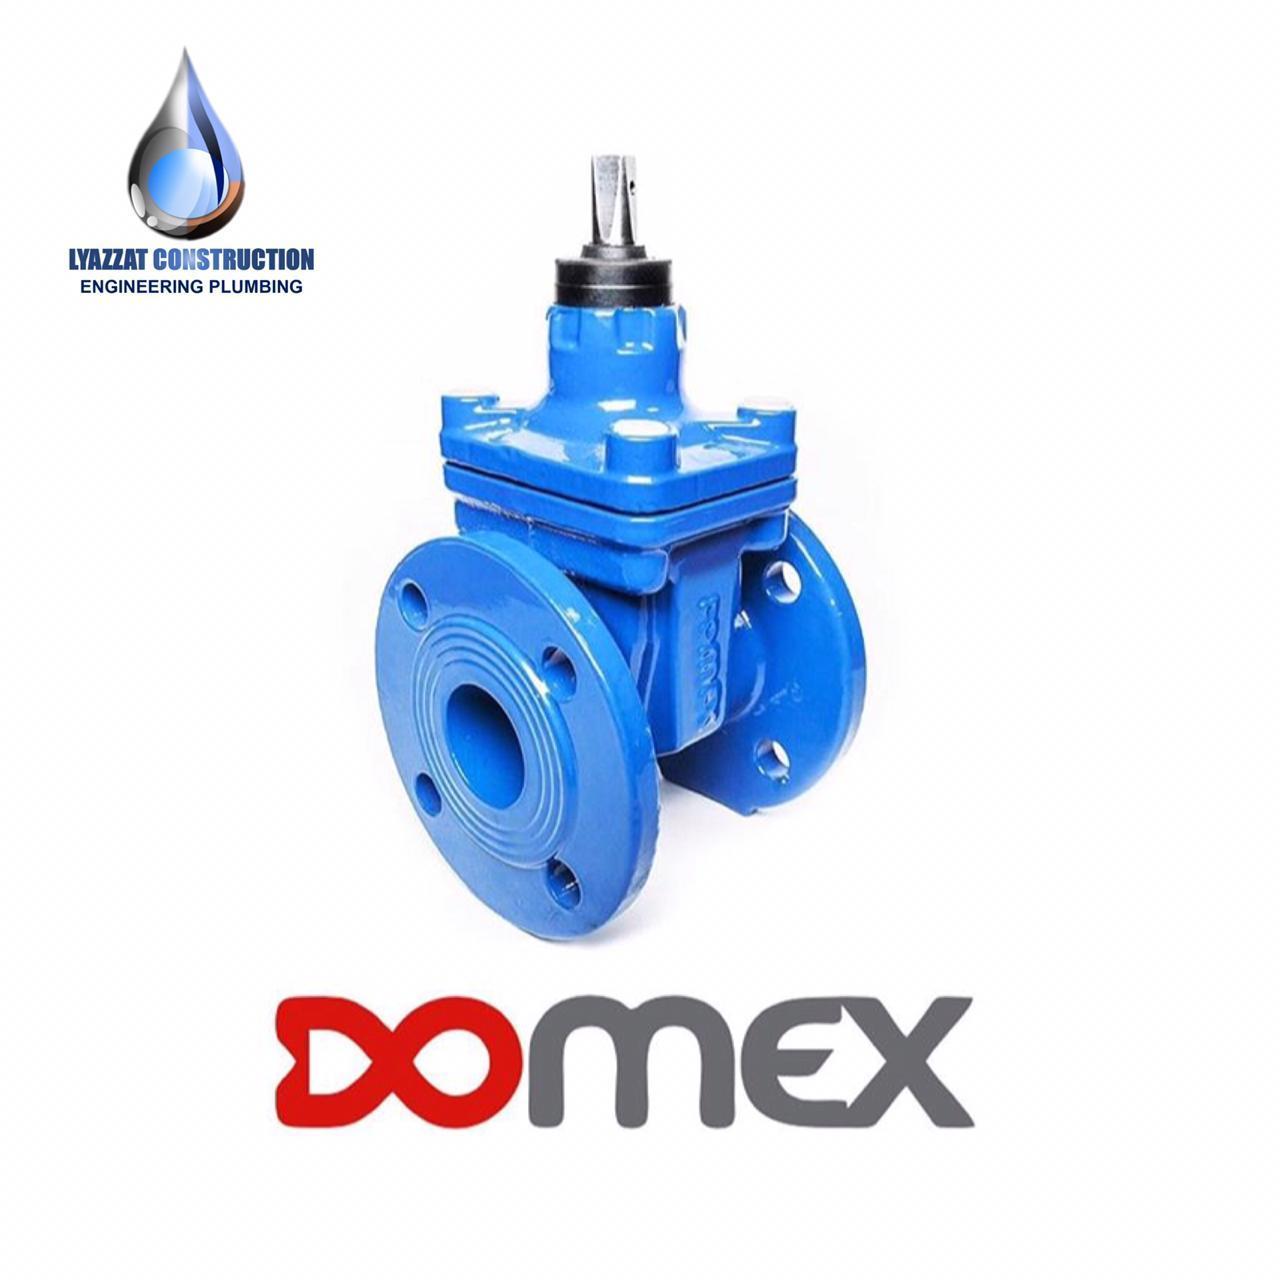 Задвижка DOMEX фланцевая F4 (короткая) DN 125